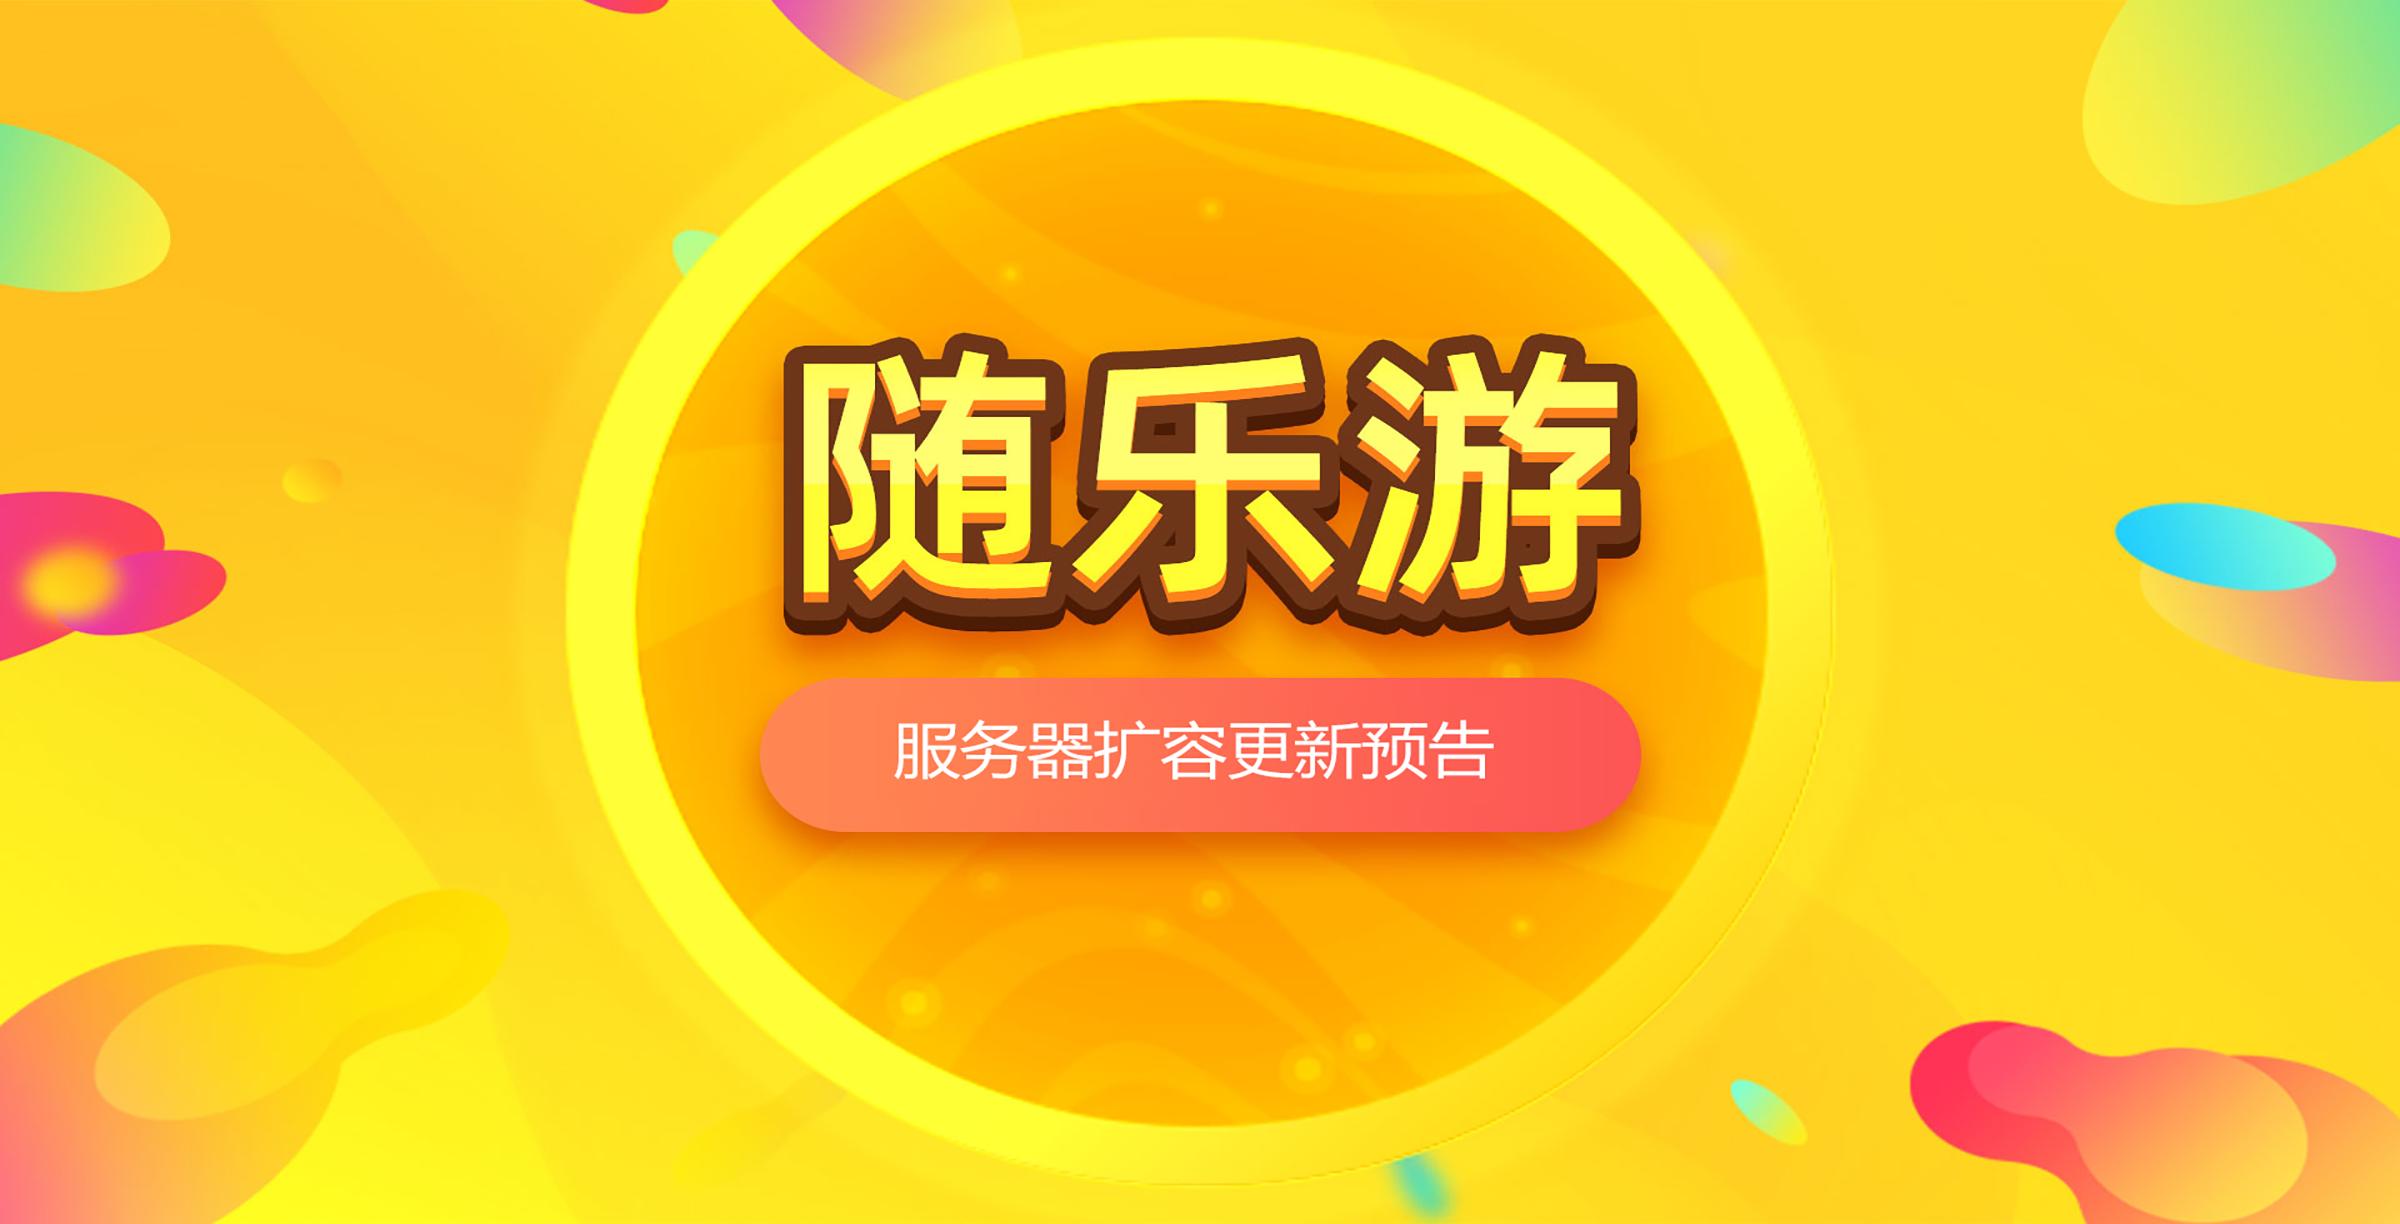 《随乐游》服务器扩容更新预告